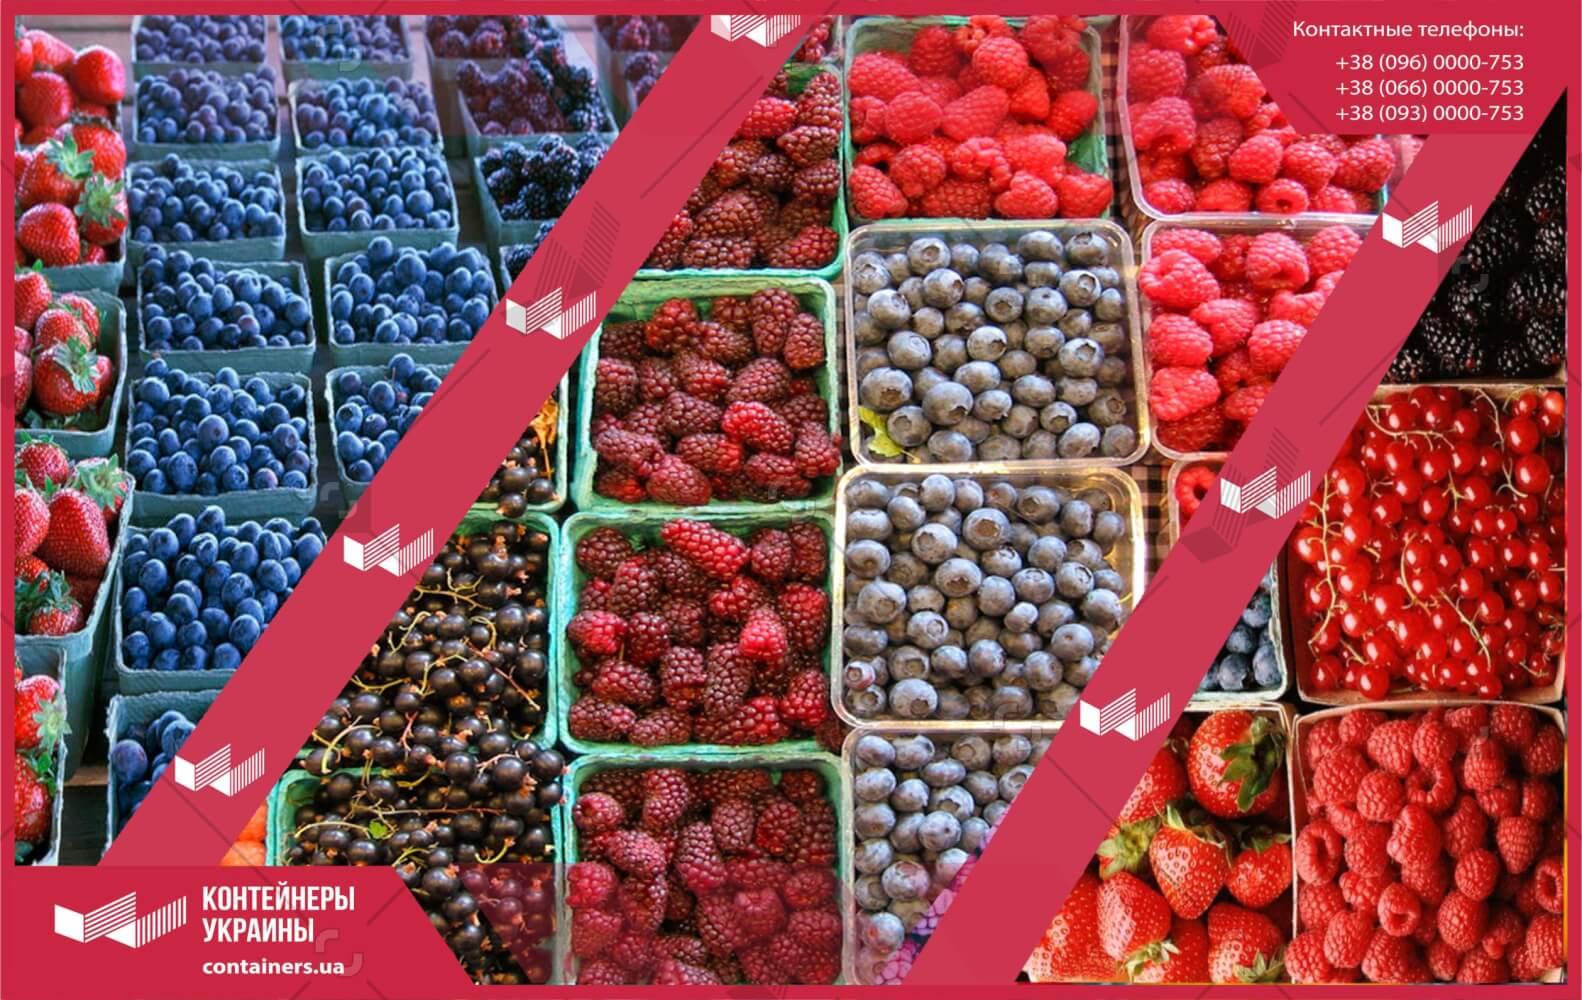 Хранение и перевозка ягод